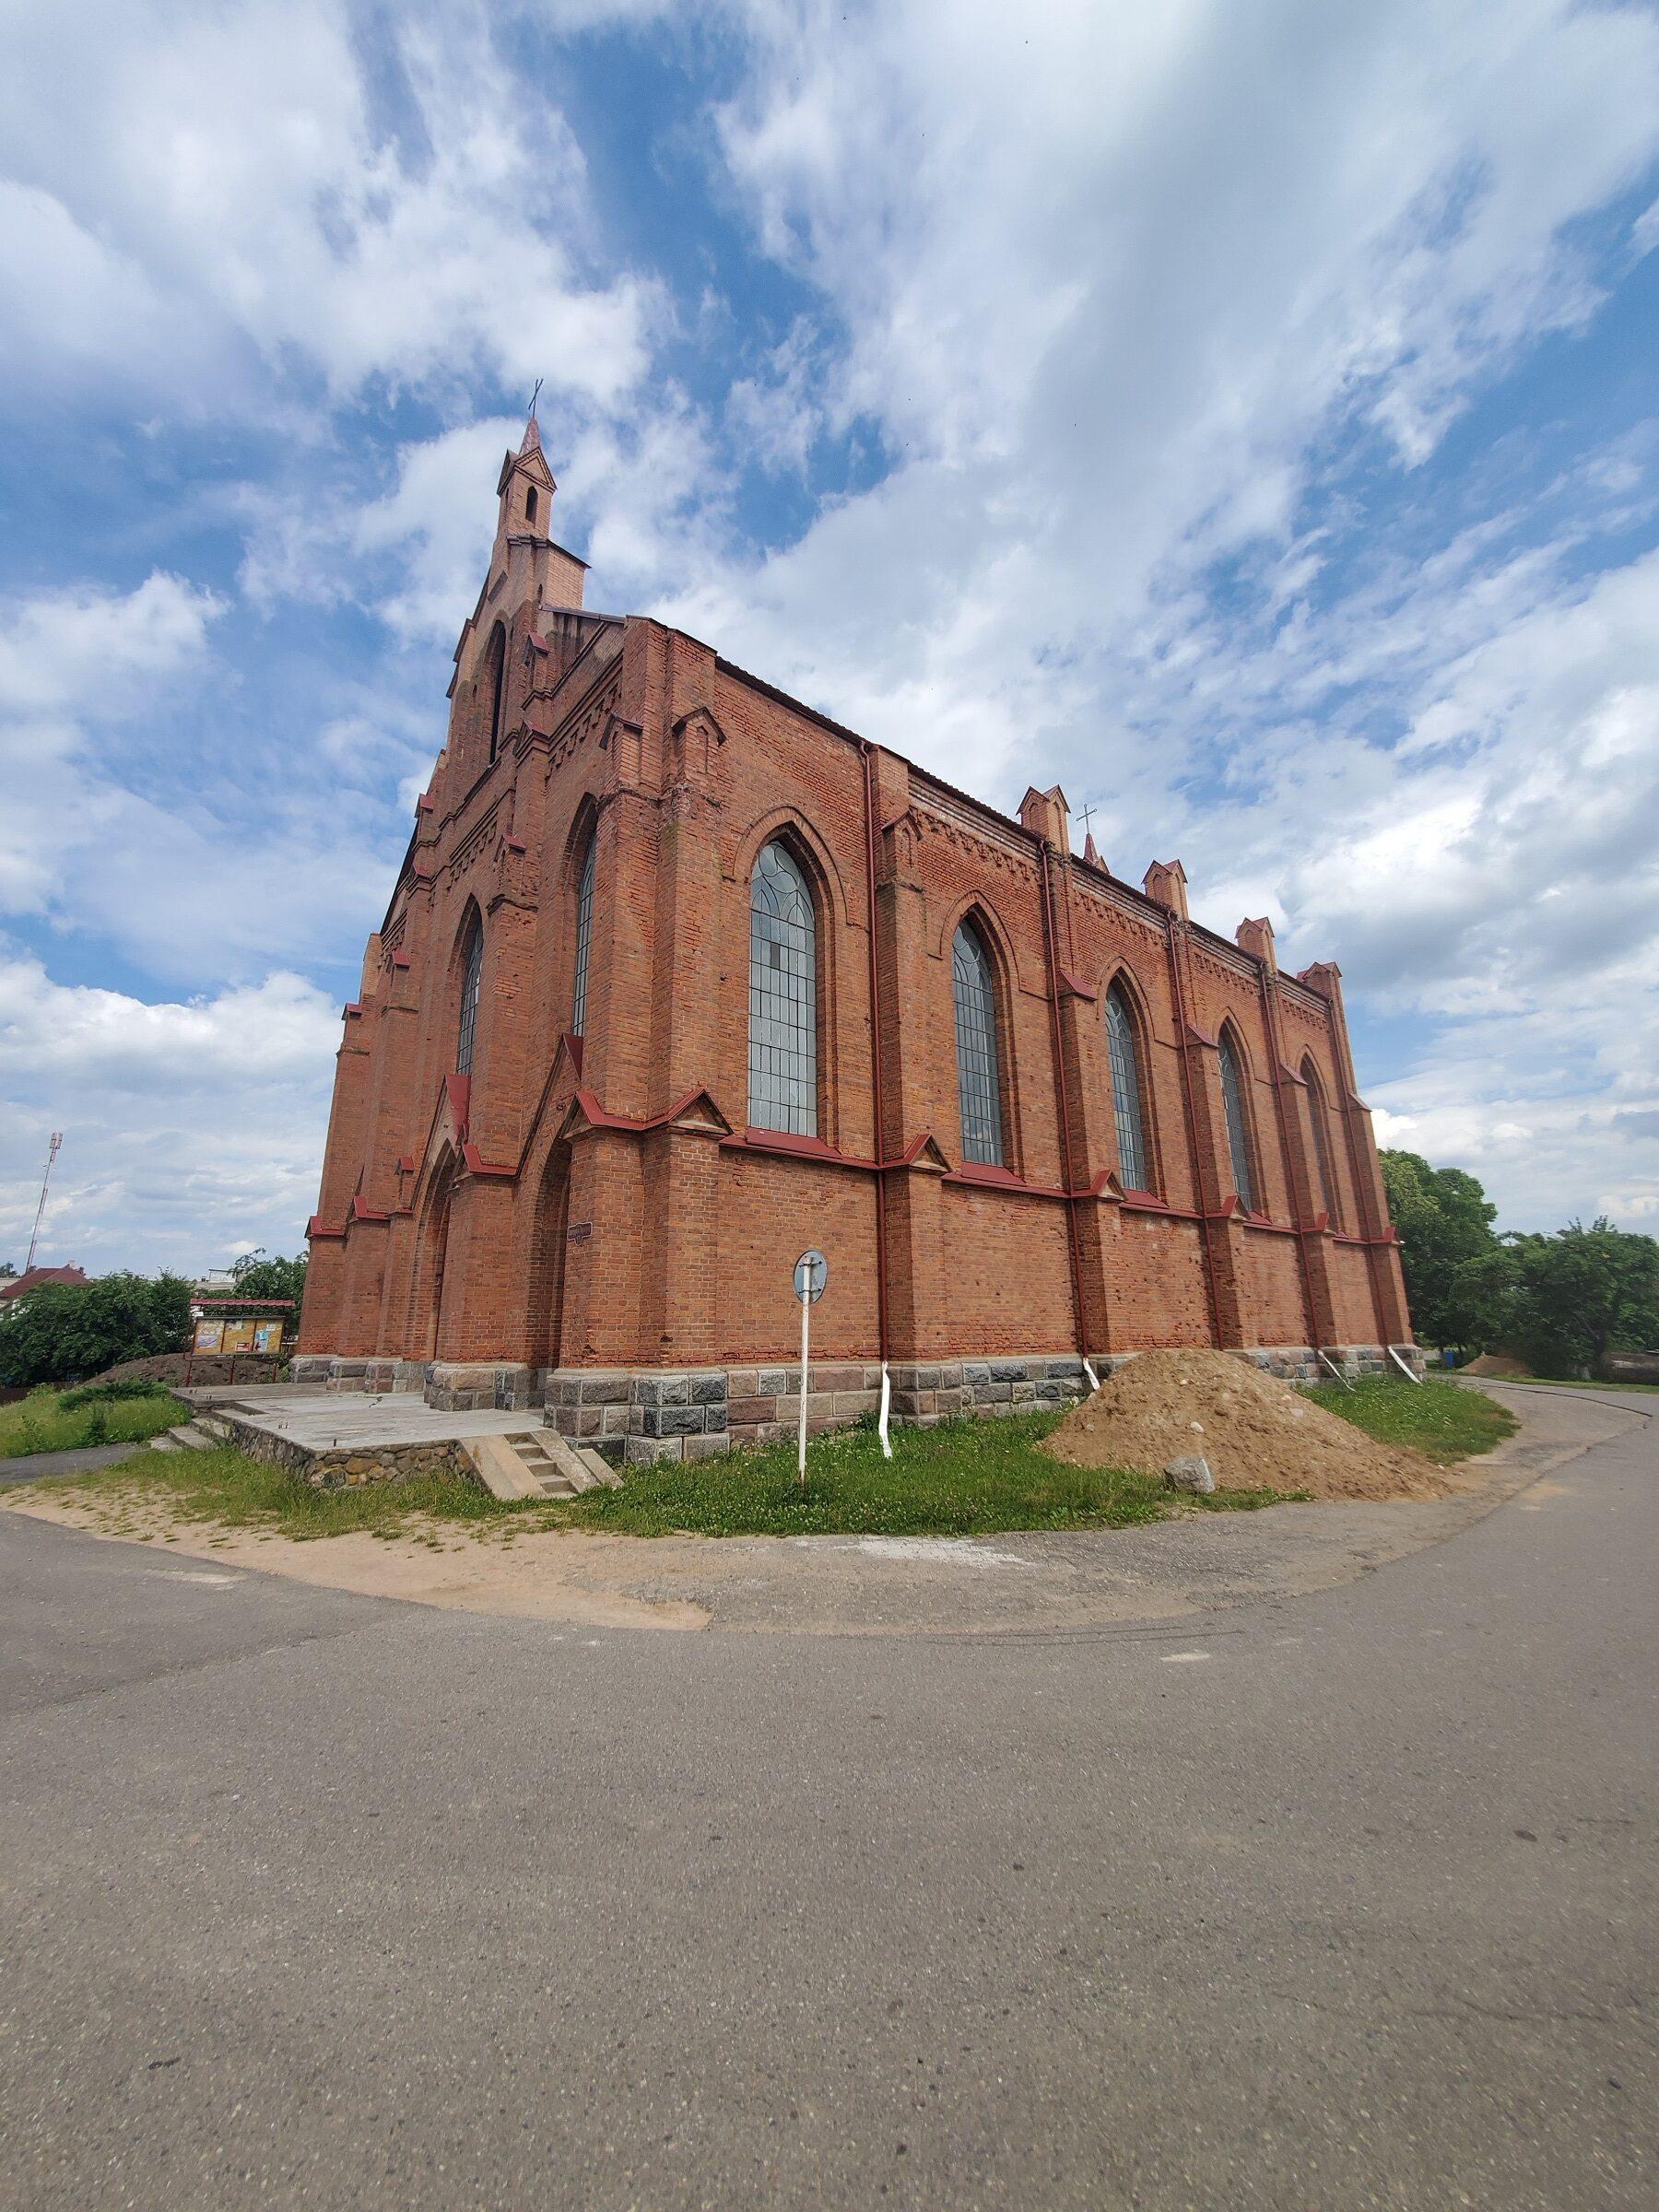 20200705 141556 rotated - Костел Святого Лаврентия в Ушачах